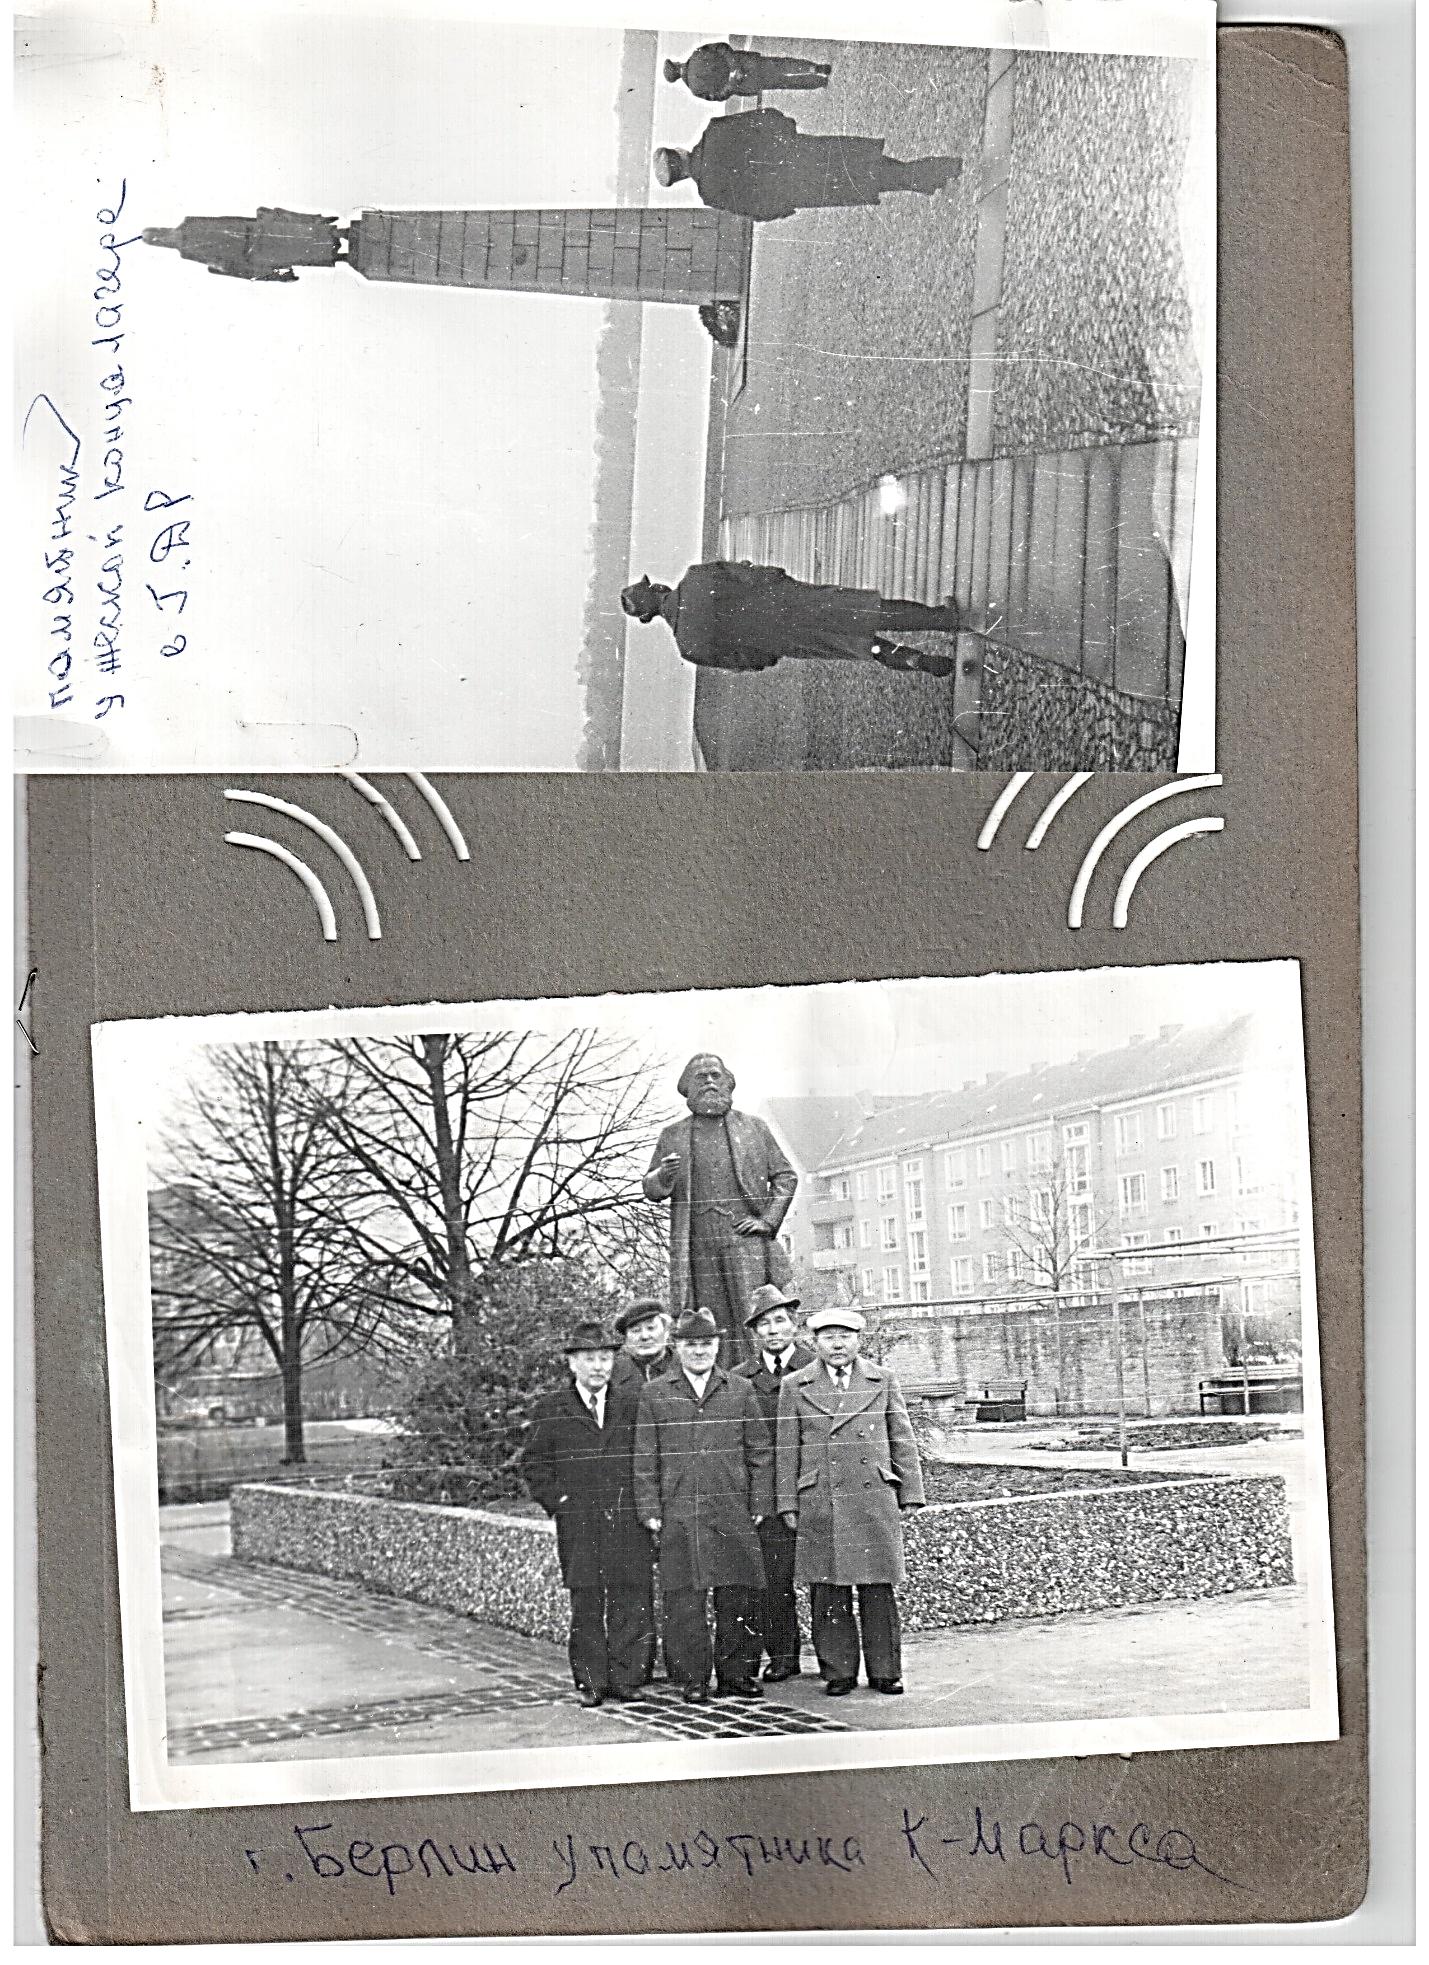 D:\Documents\Pictures\2015-01-25 рс\рс 003.jpg